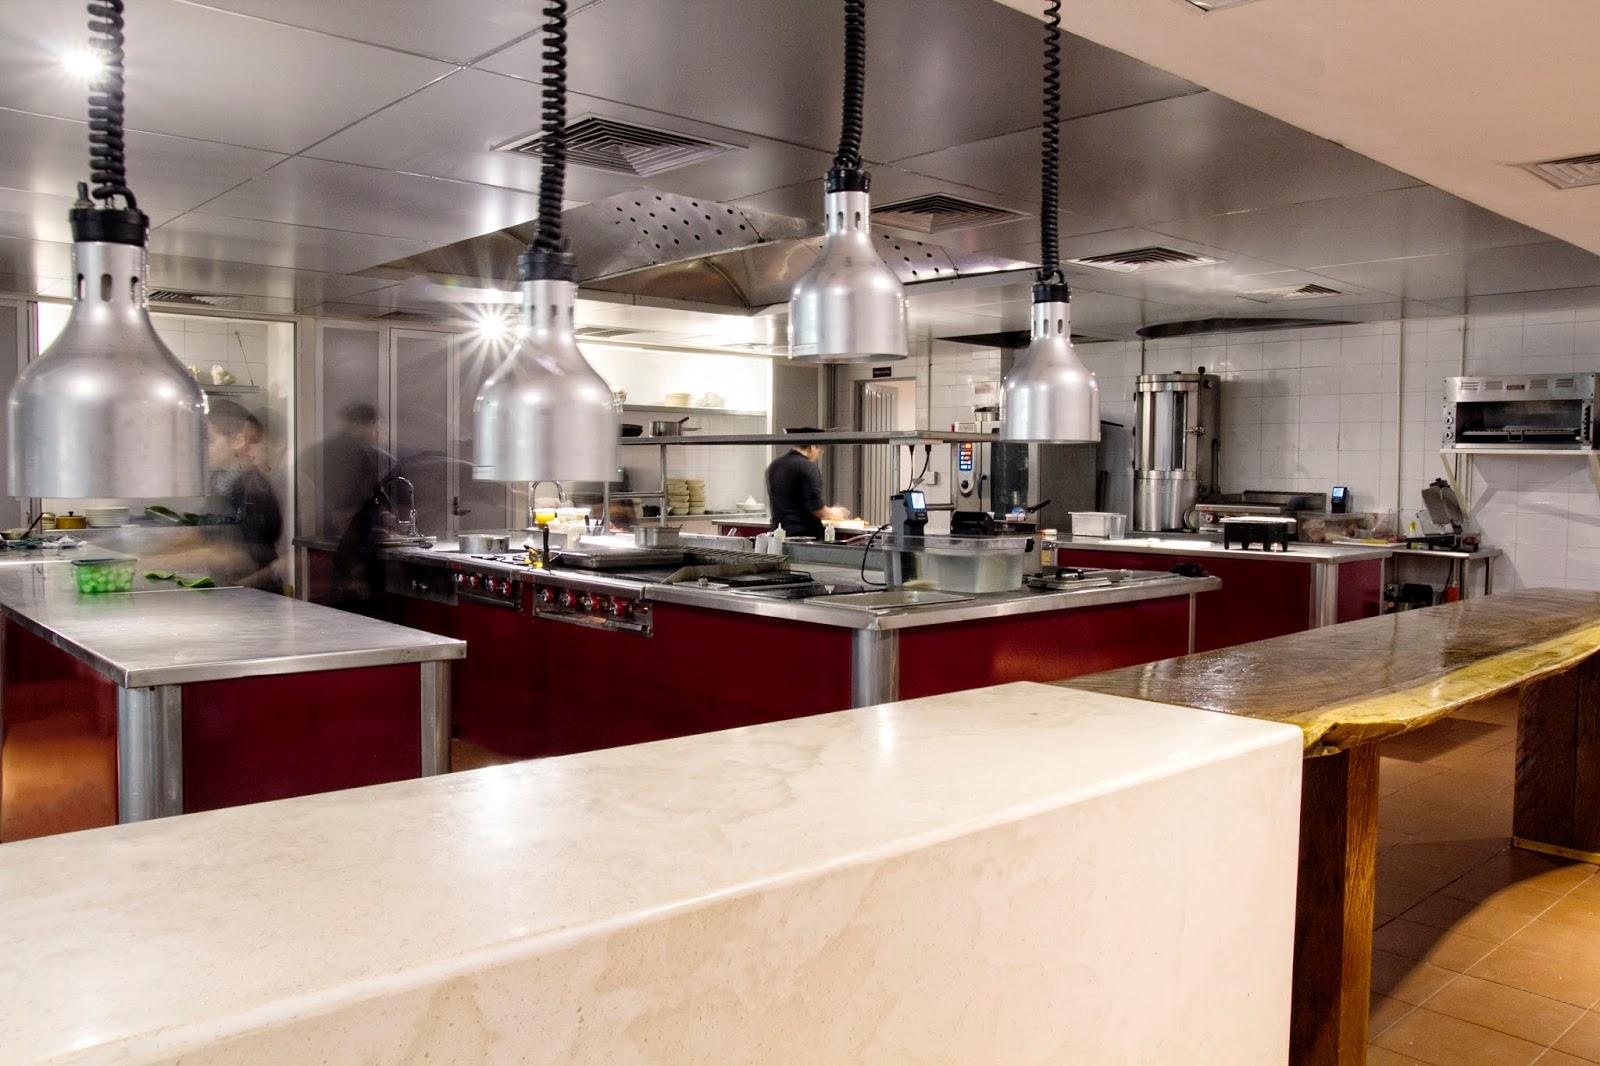 Kuuk investigaci n de la investigaci n a la cocina y de for Cocina de investigacion